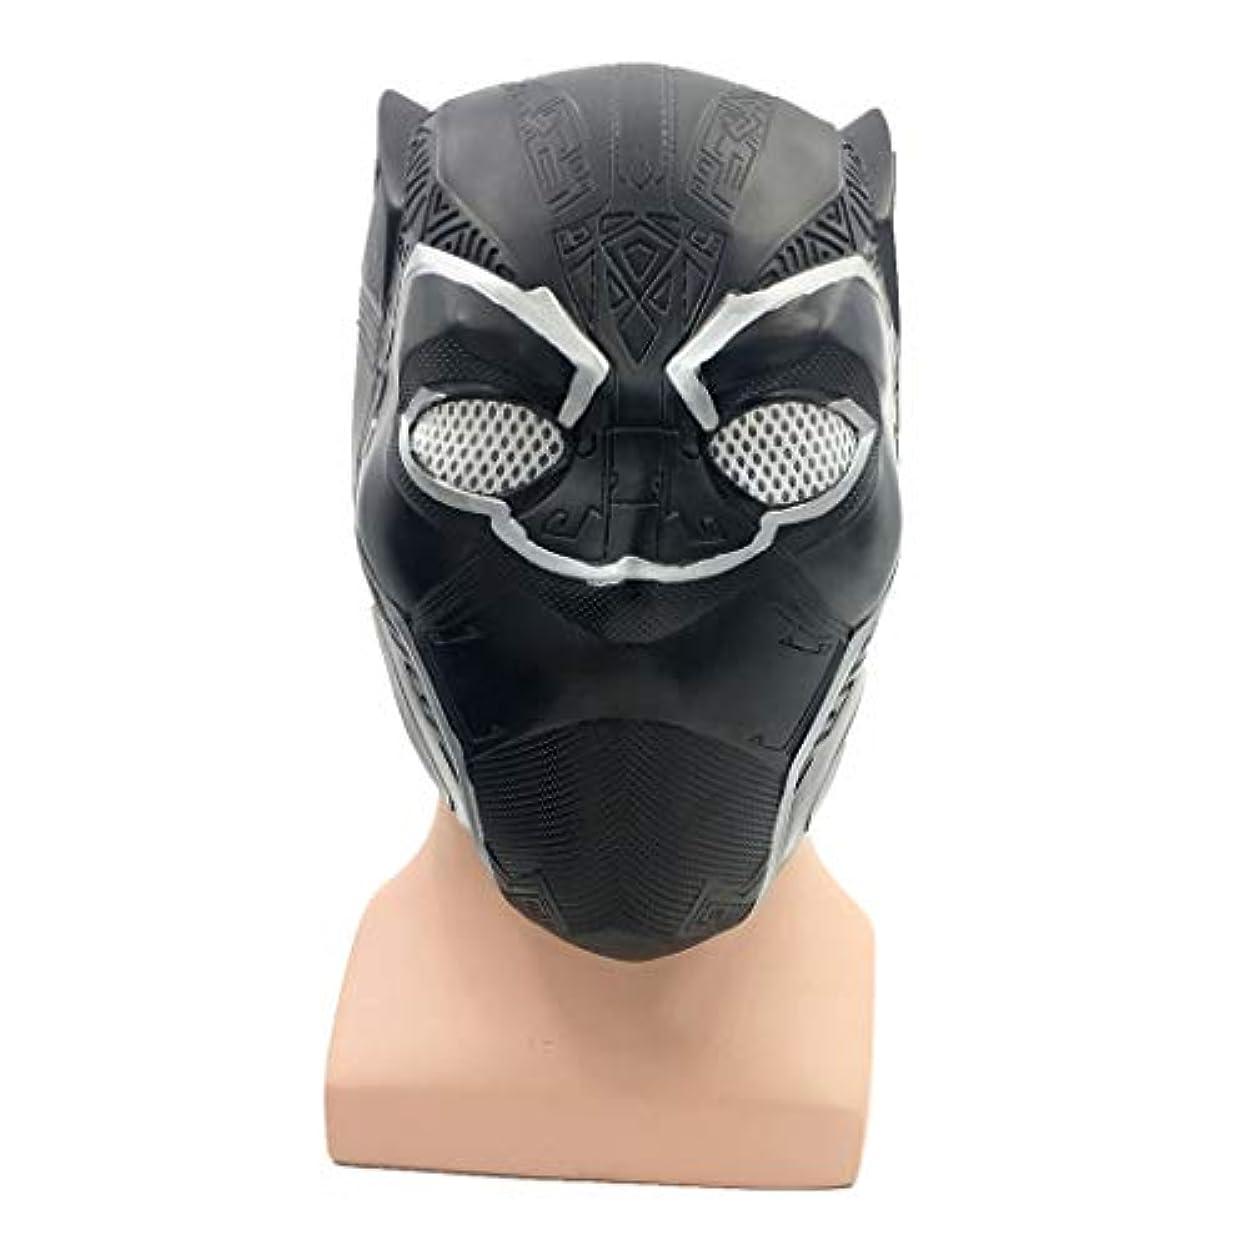 情緒的更新政治家のパンサーマスク新しいCosマーベルヒーローズキャプテンアメリカ3映画南北戦争ハロウィーン